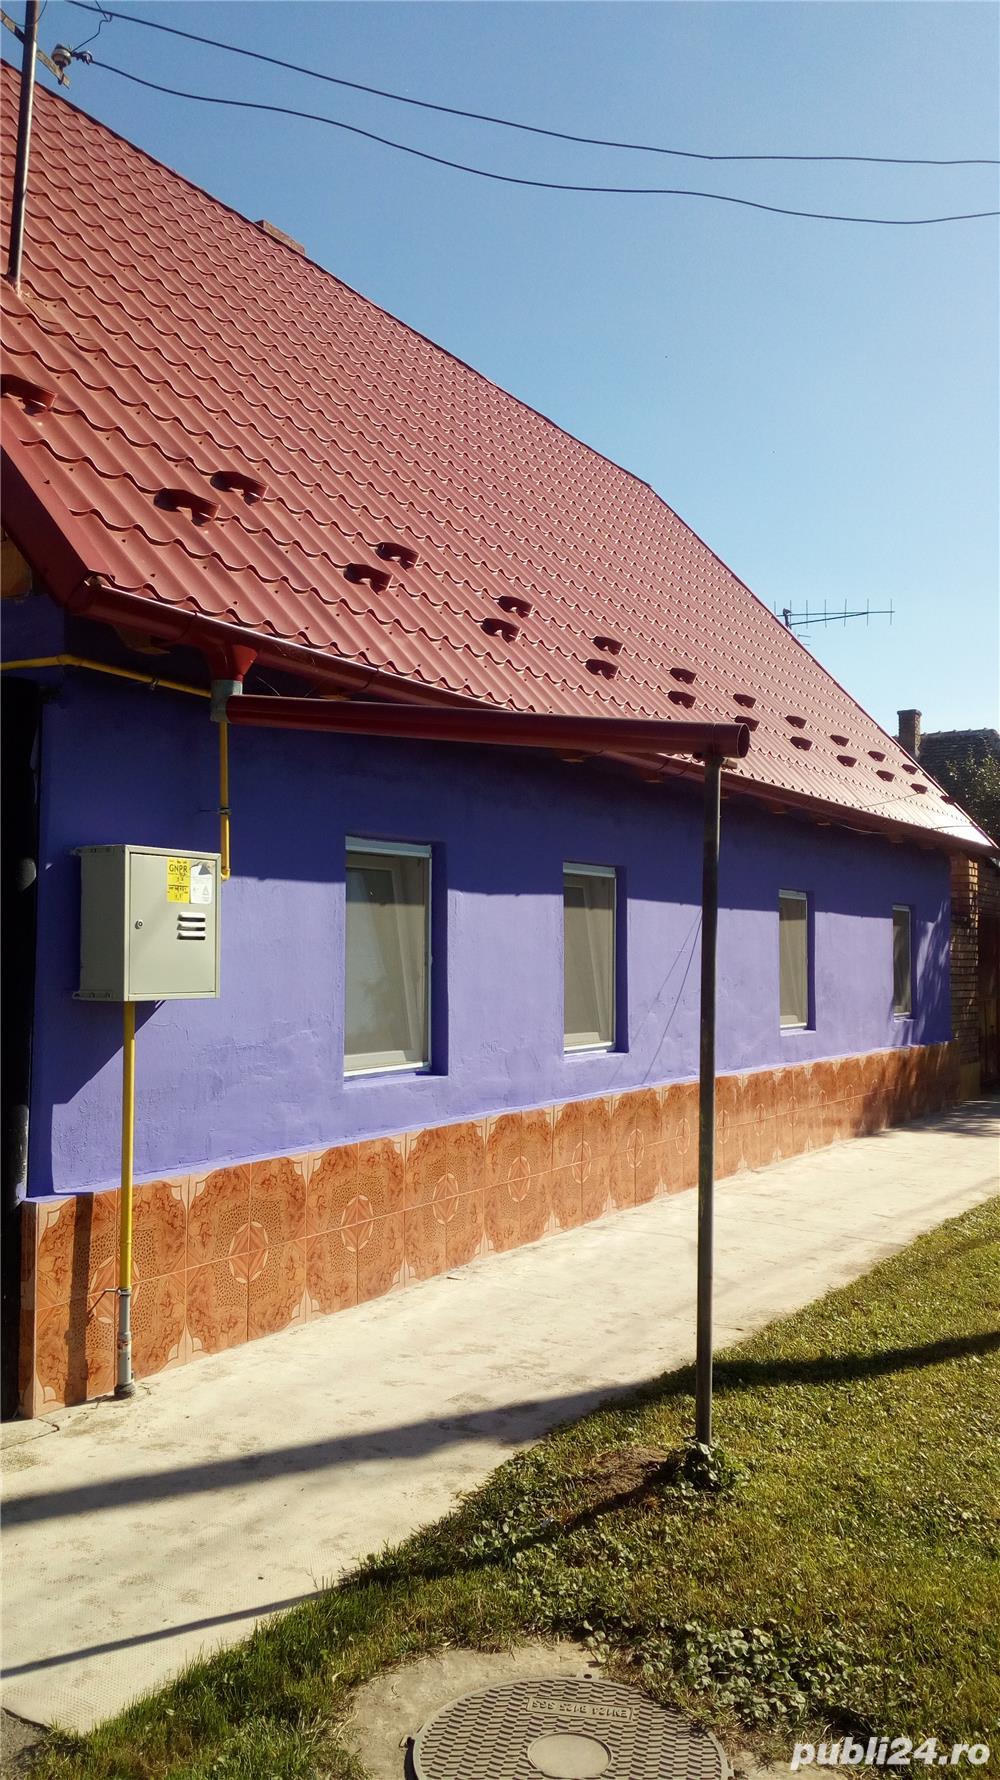 Casa de vanzare Pecica cu TOATE UTILITATILE INCLUSE